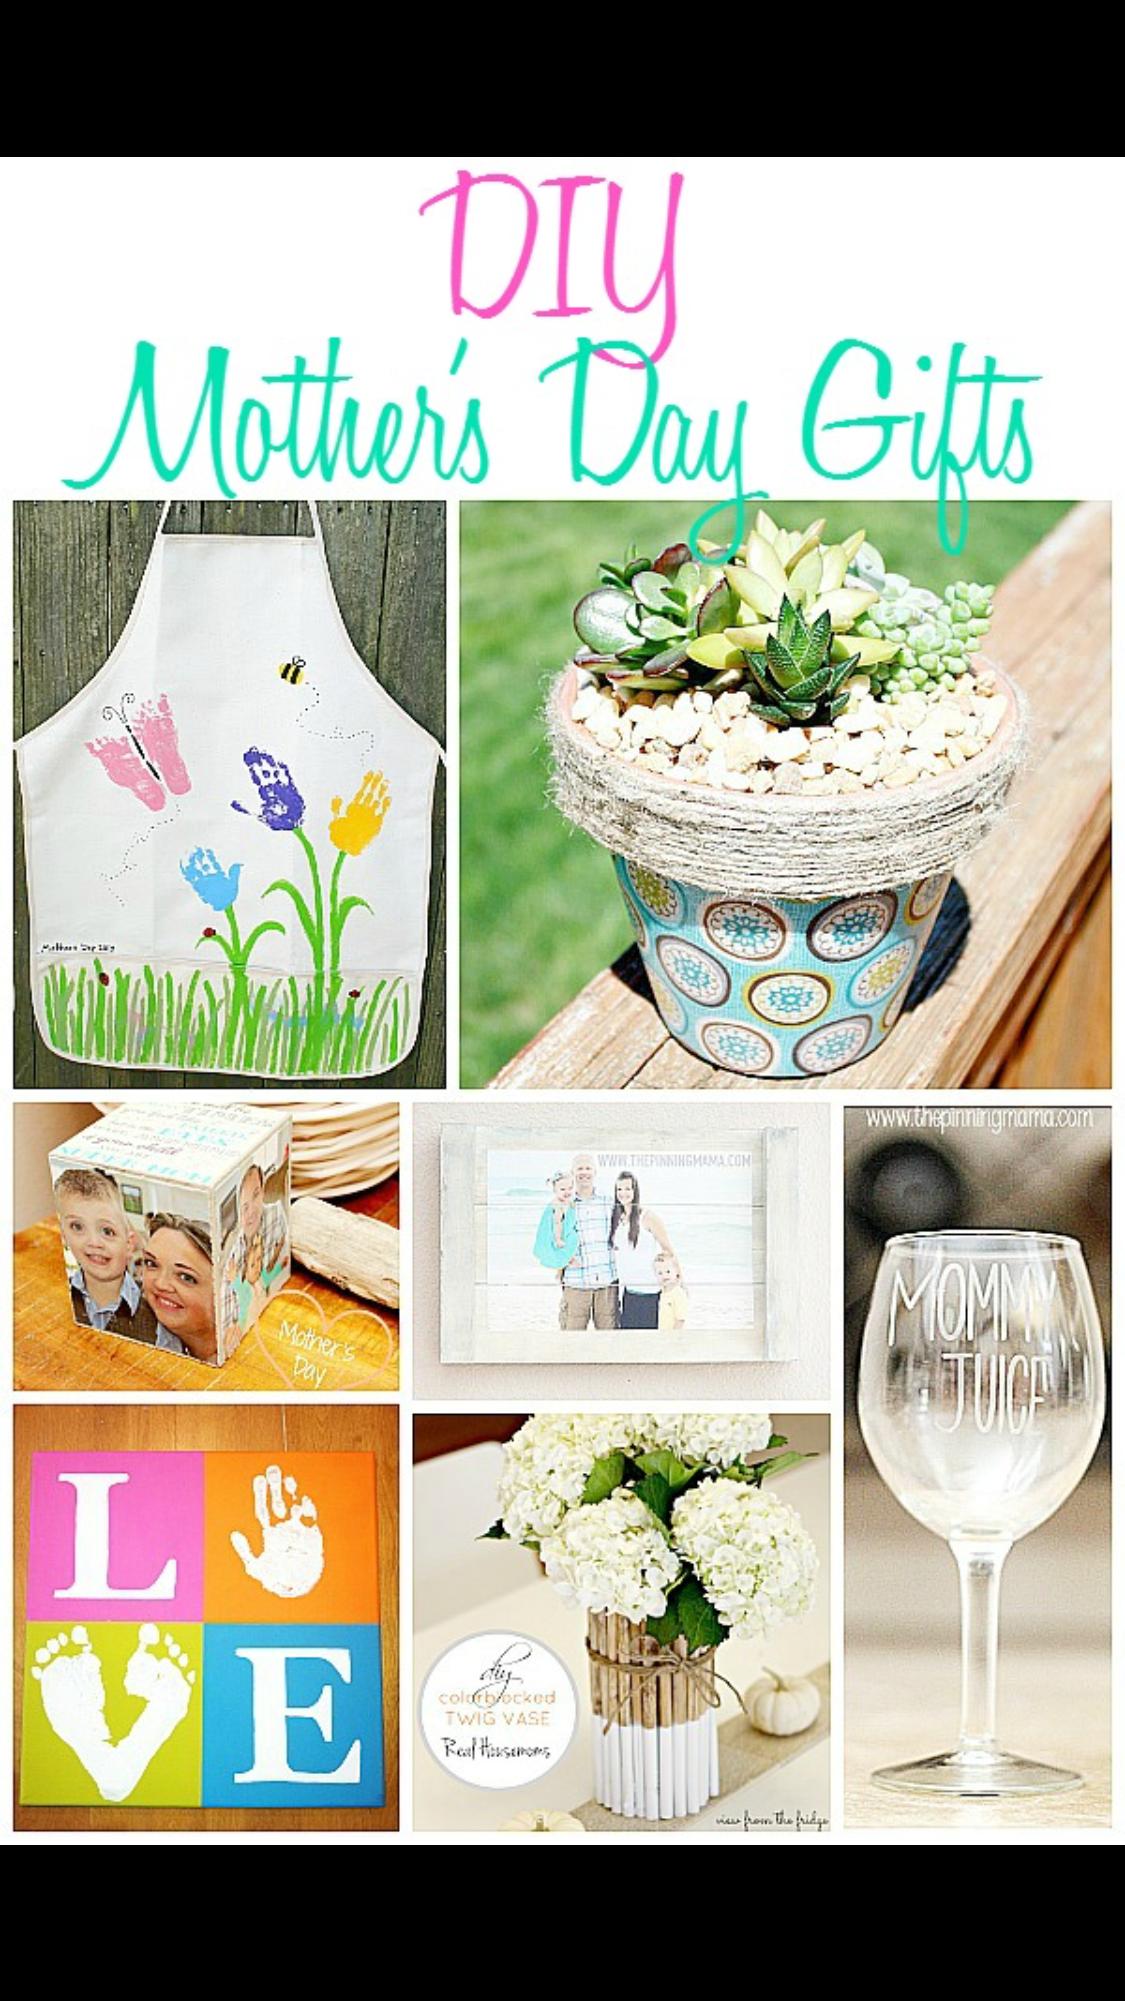 Pin by Liza Stucker on Motherus Day ideas in   Pinterest